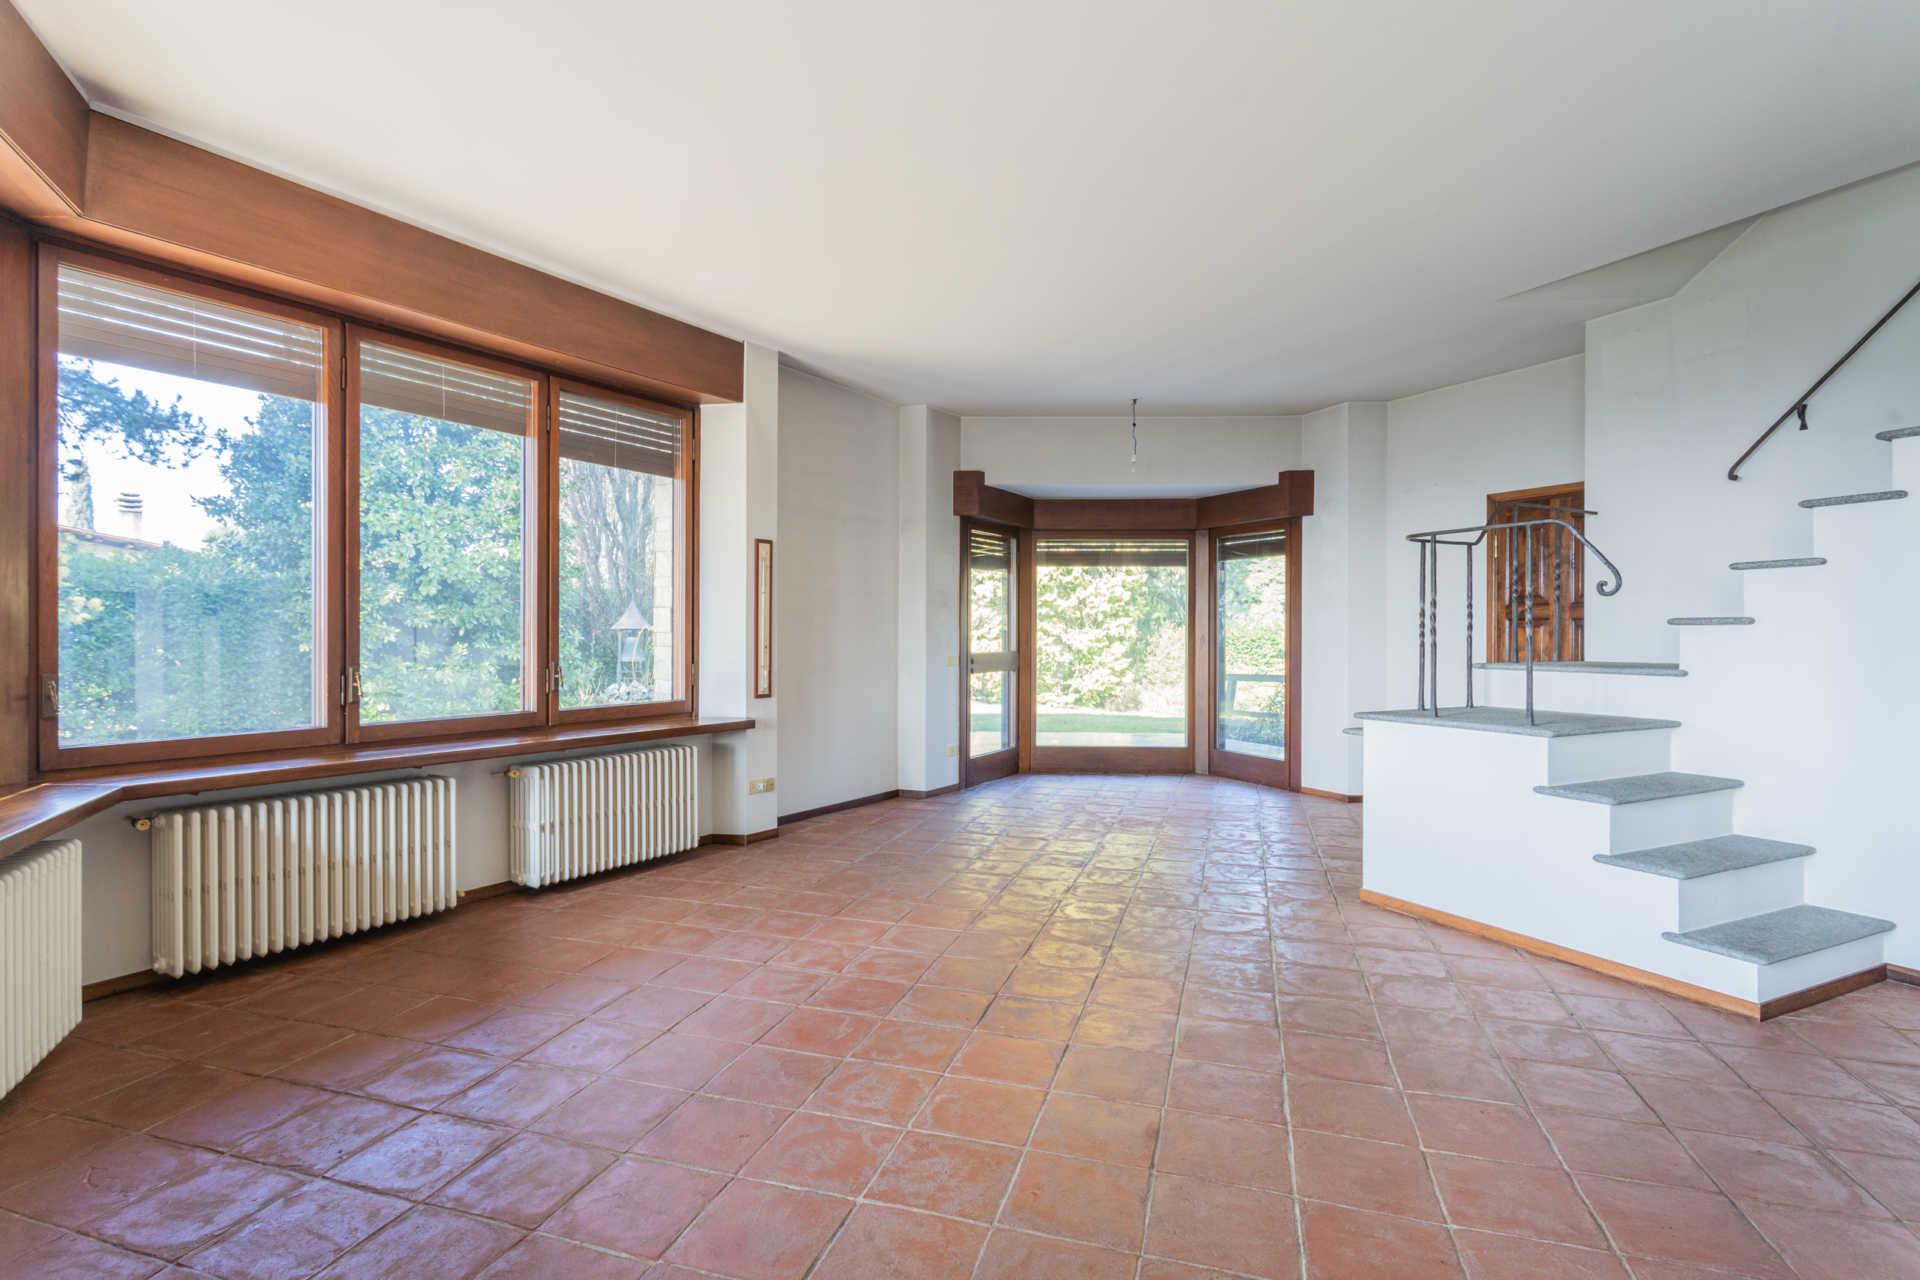 Villa-singola-Carate-Brianza-in-vendita (27)